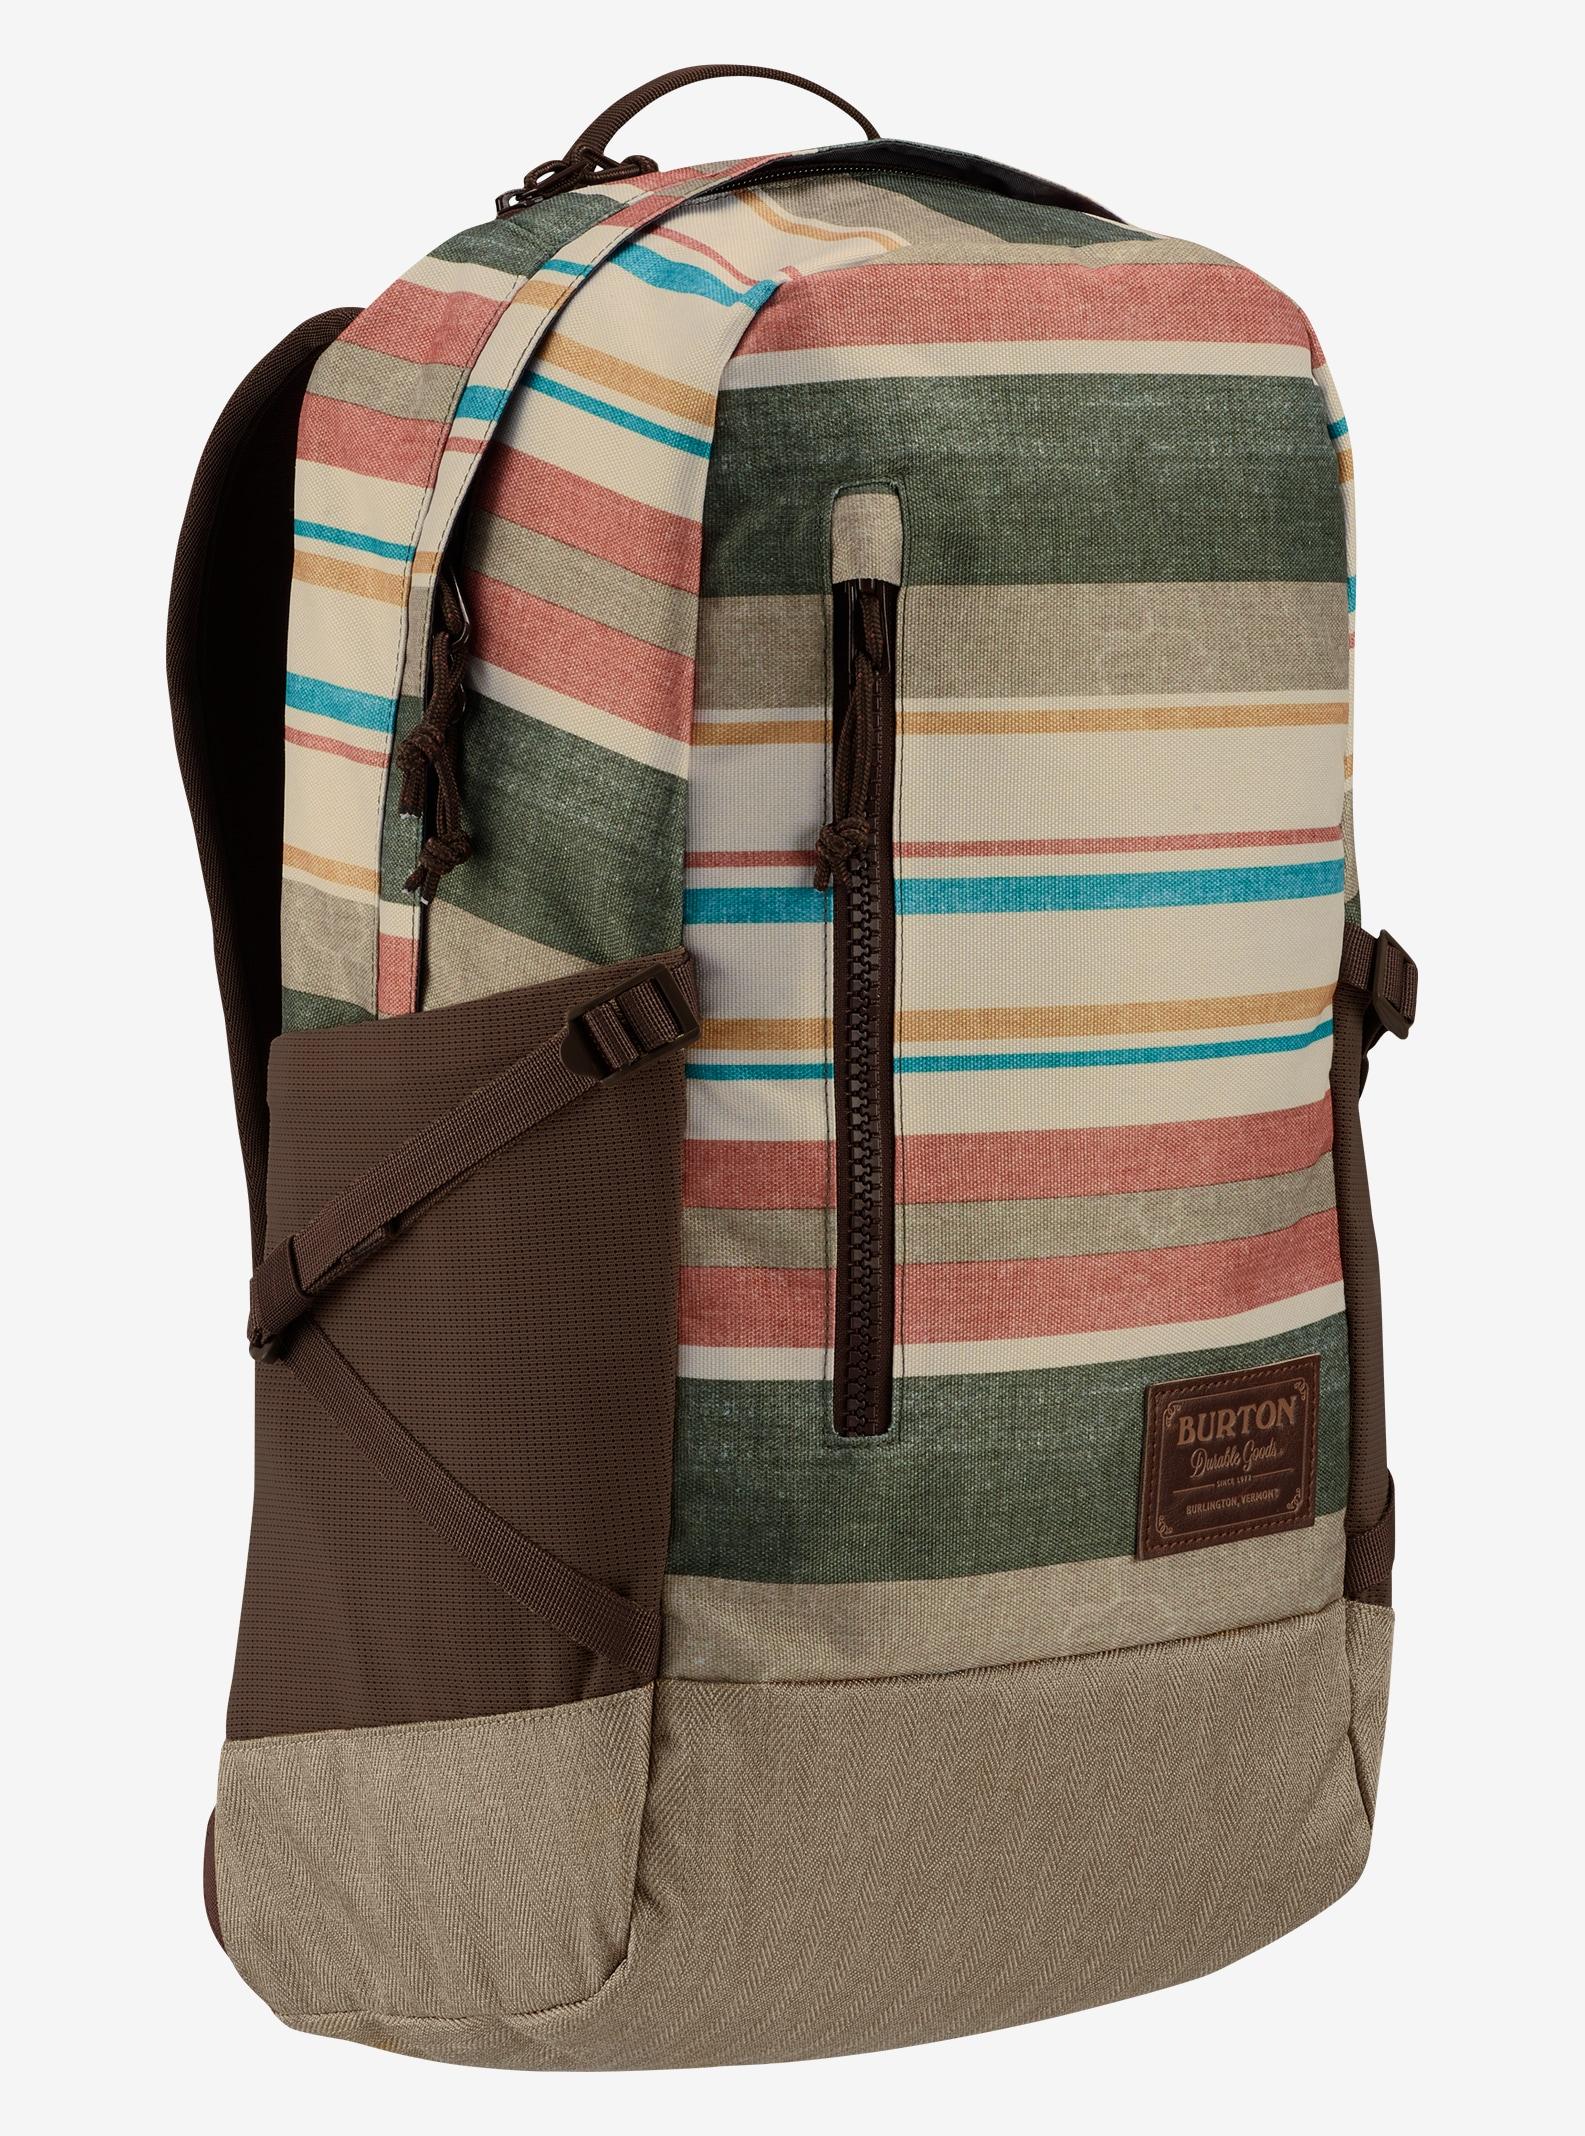 Burton Prospect Backpack shown in Rancher Stripe Print